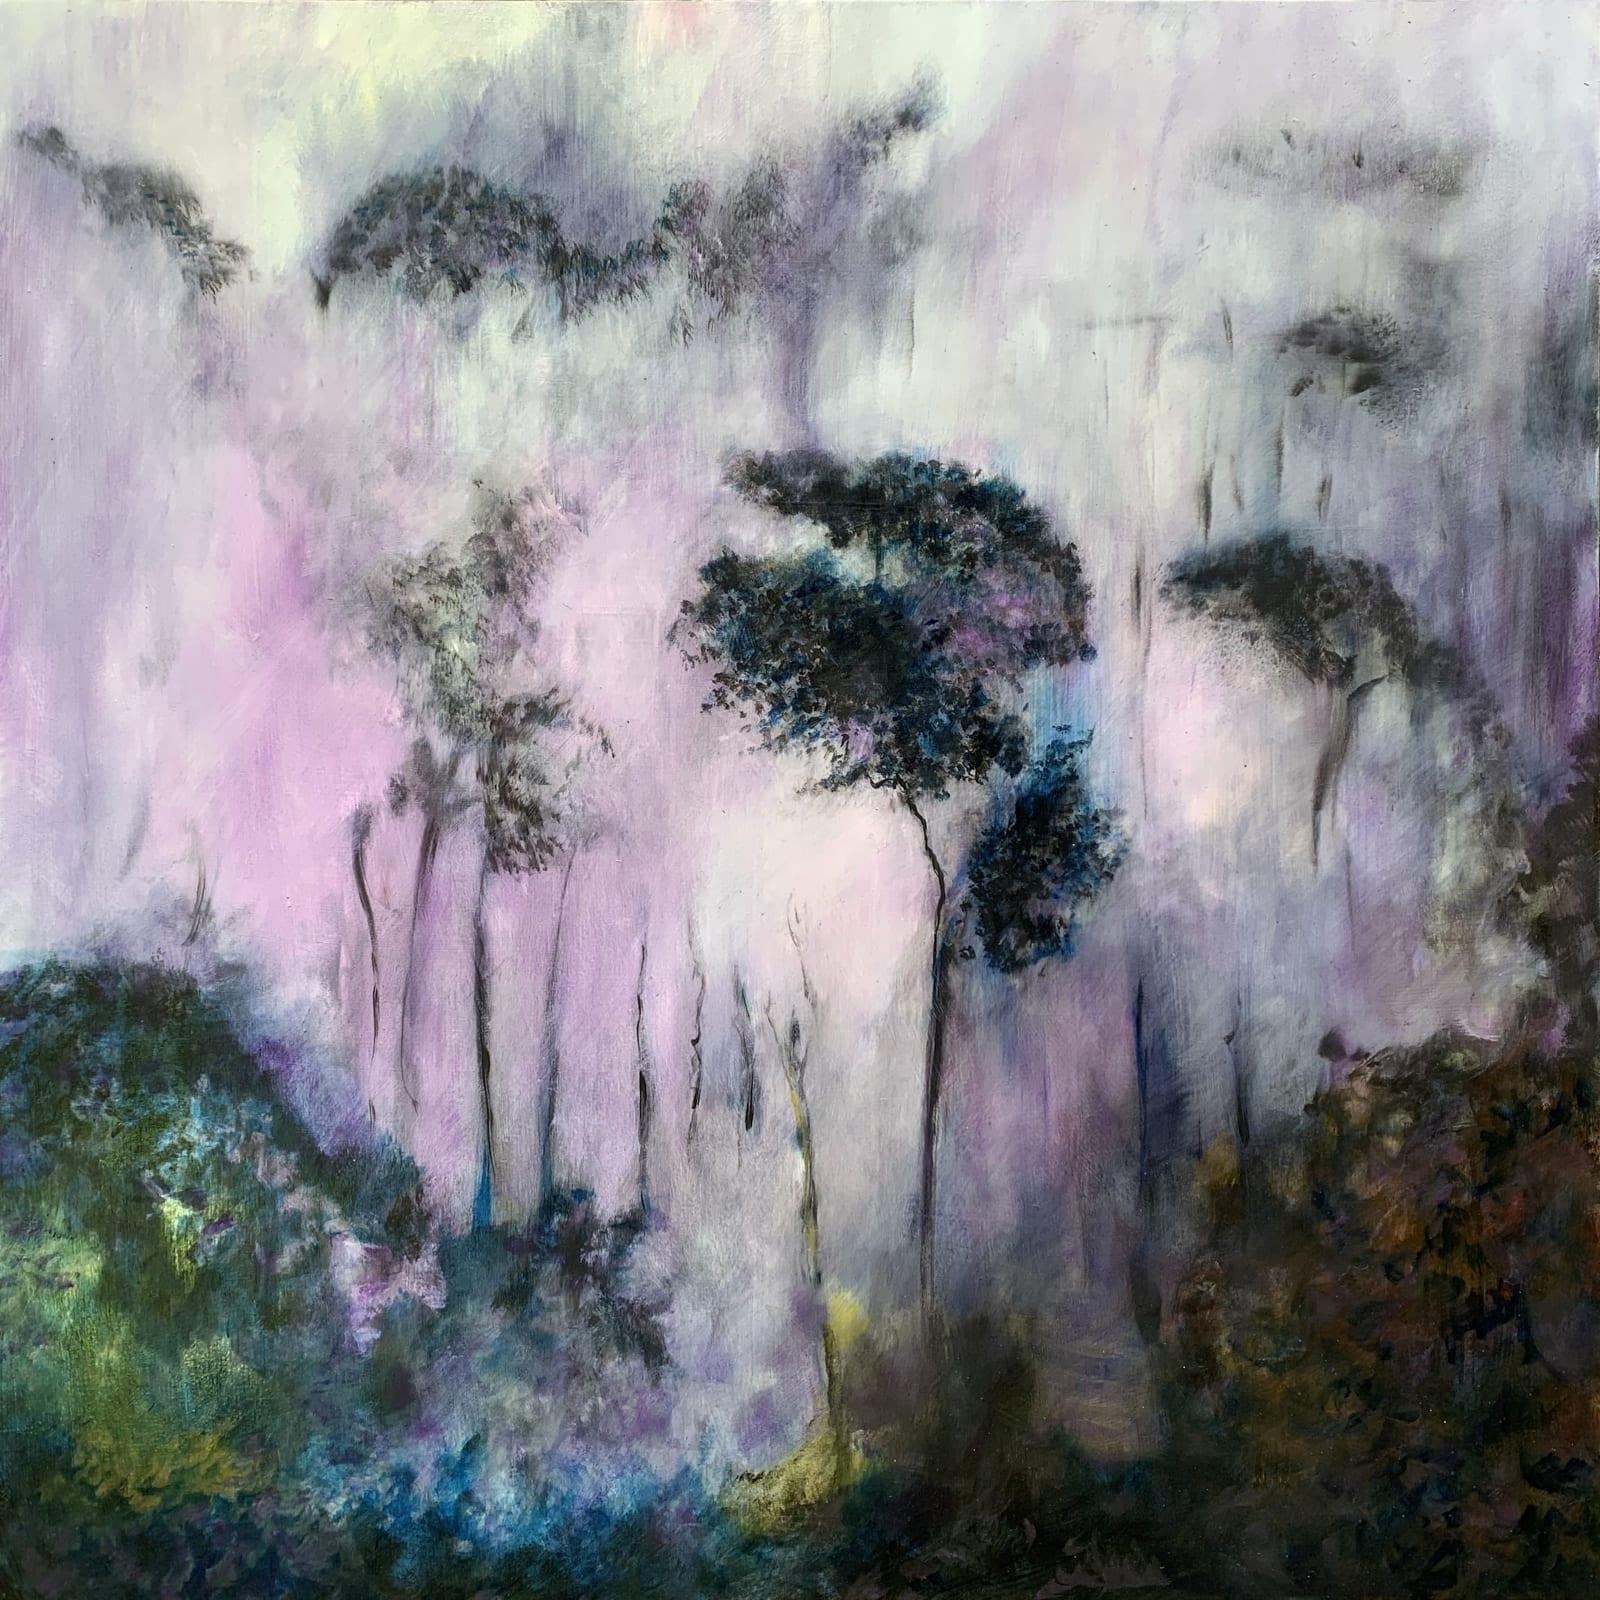 Helen Brough, 'Forest Fire', 2020